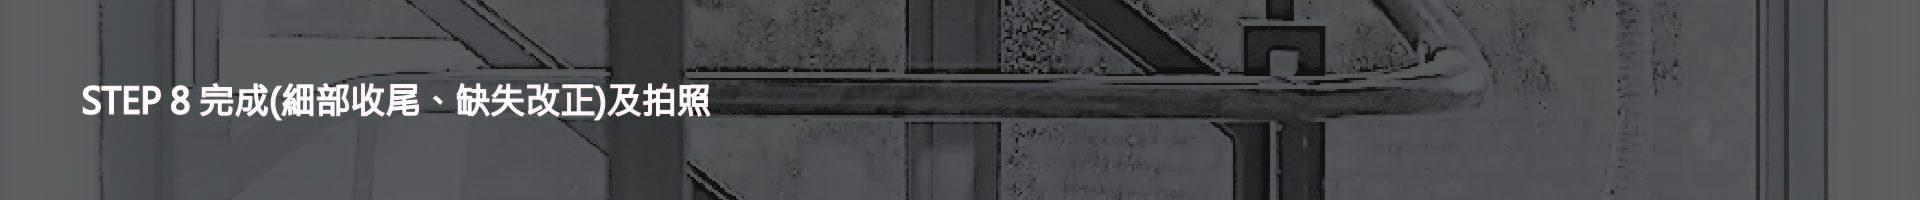 衍項服務流程-08